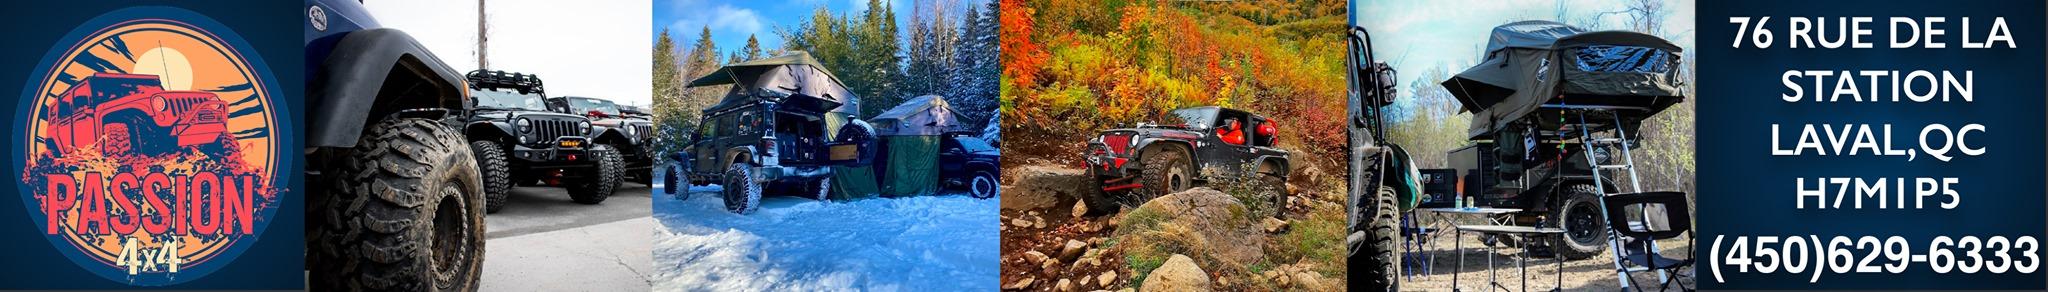 ièces, Accessoires et installations pour Jeep et 4x4